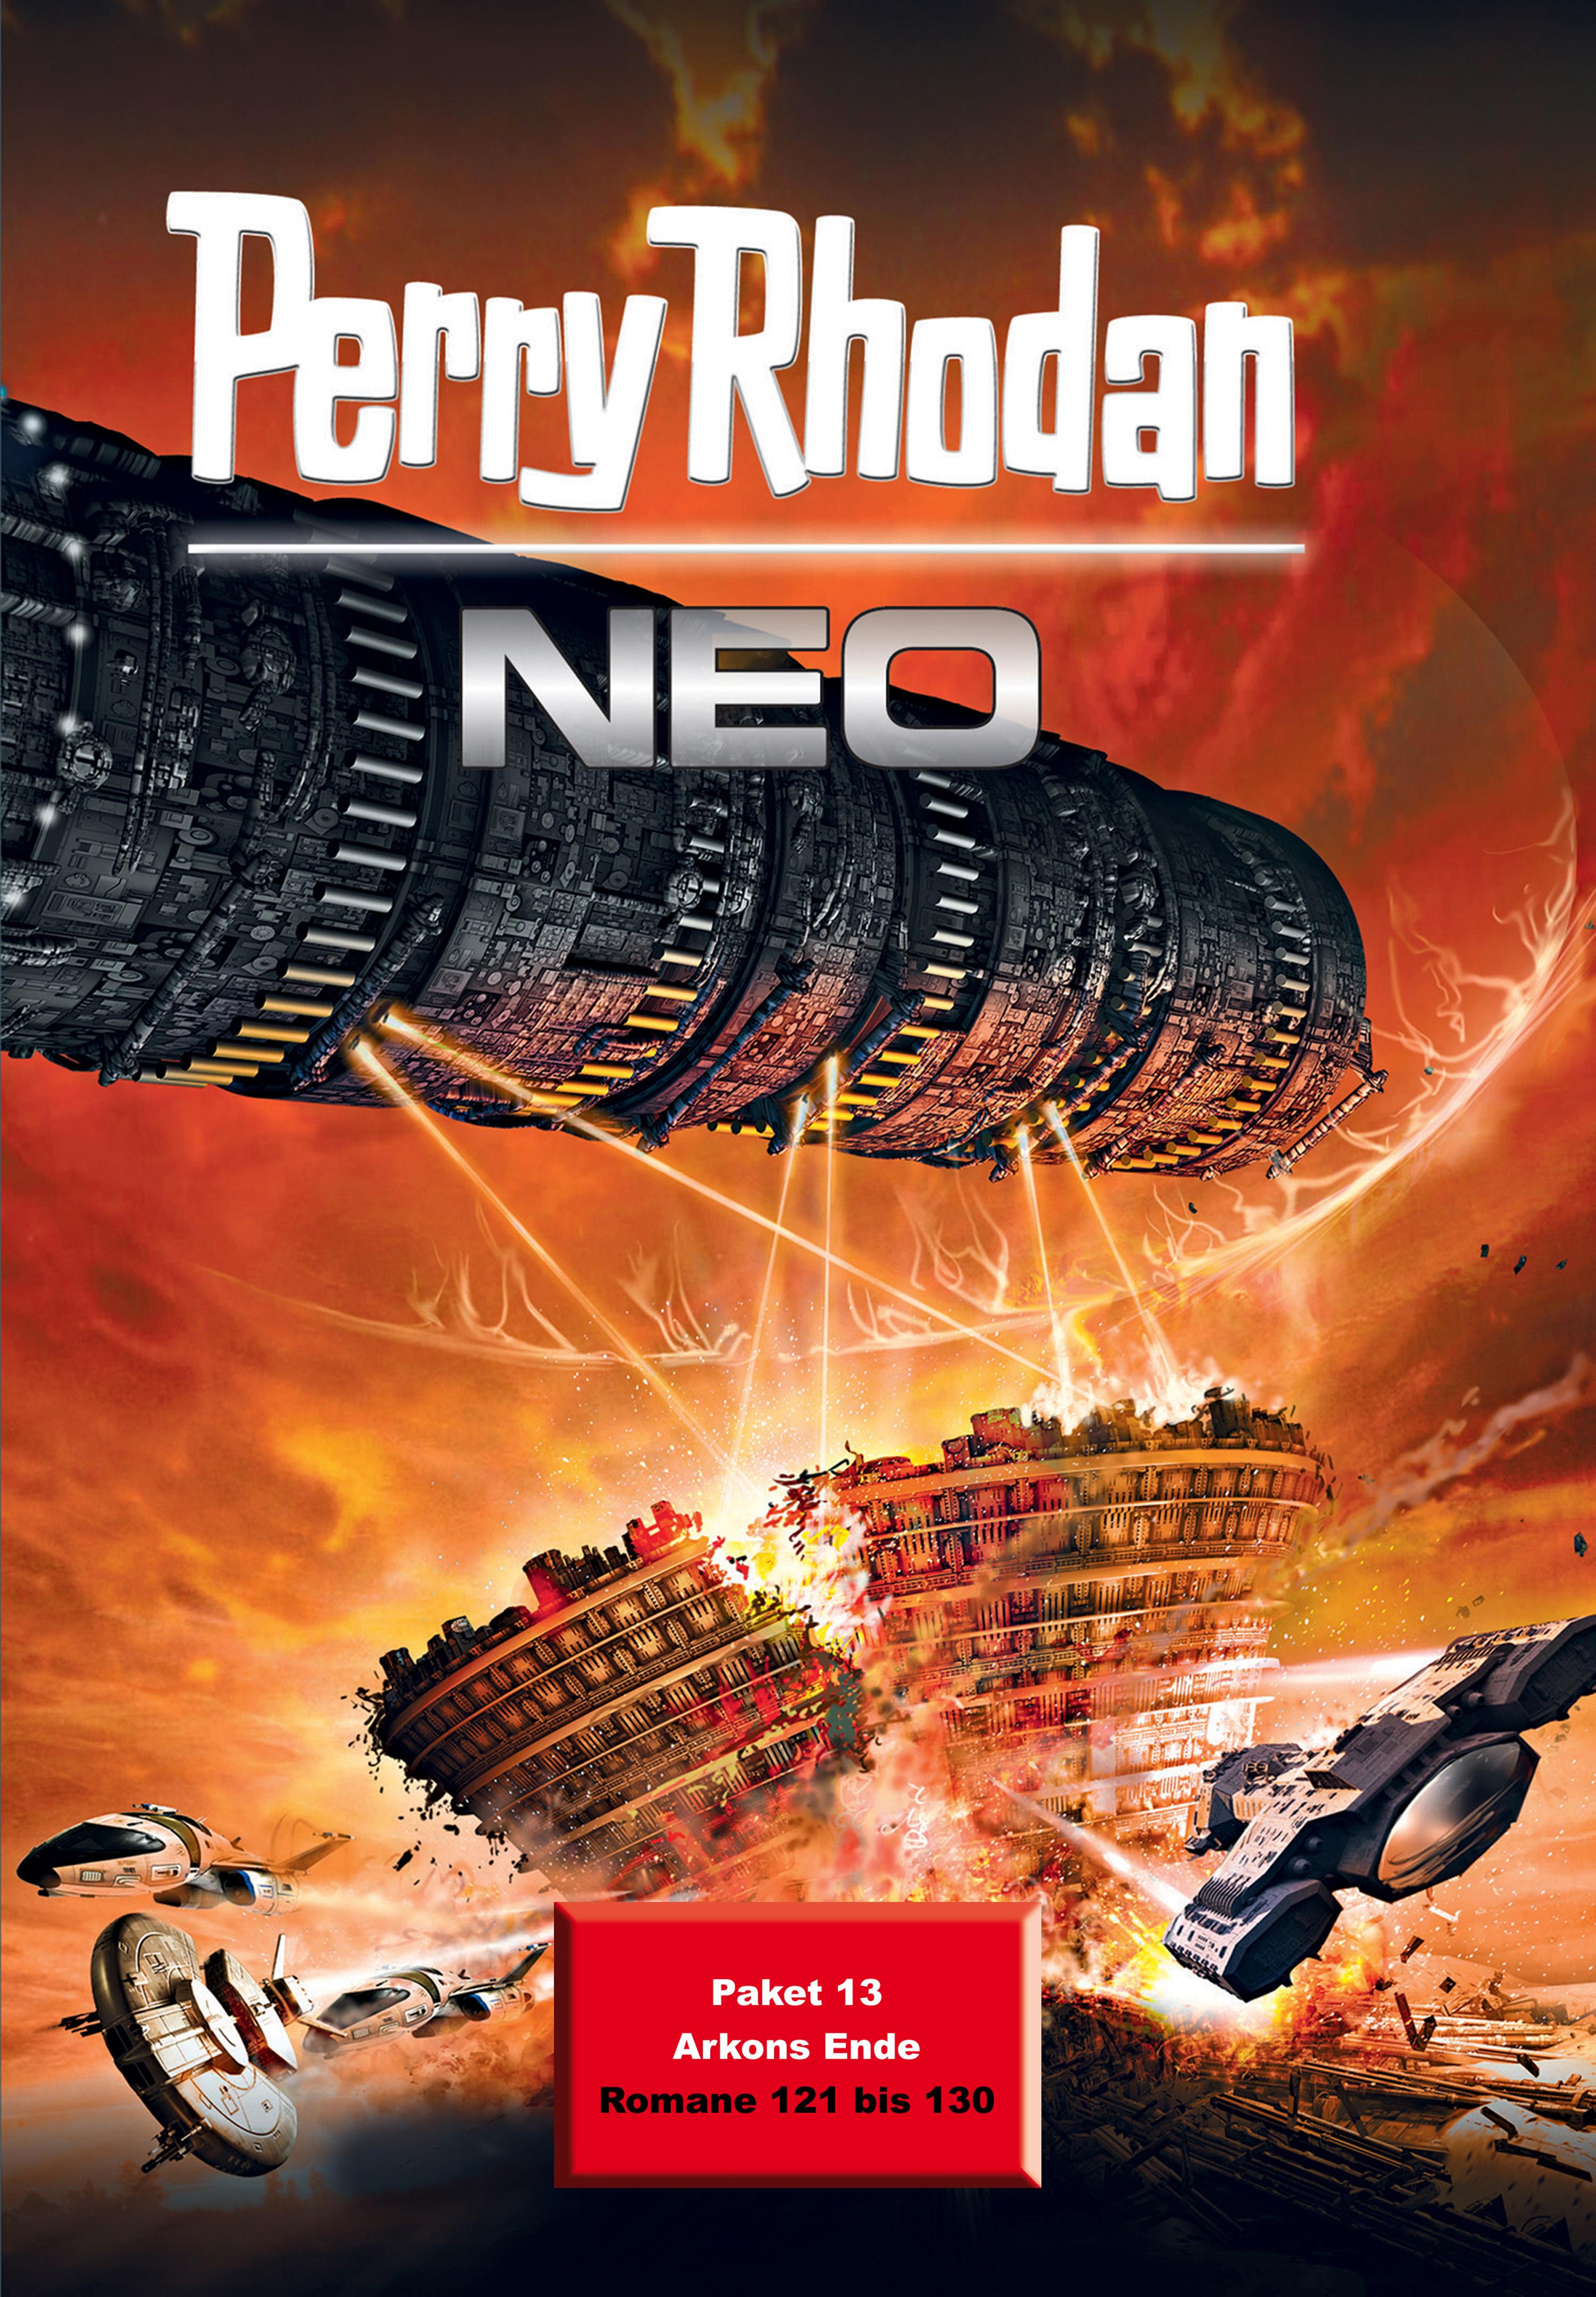 Perry Rhodan Perry Rhodan Neo Paket 13 perry rhodan perry rhodan olymp paket 1 12